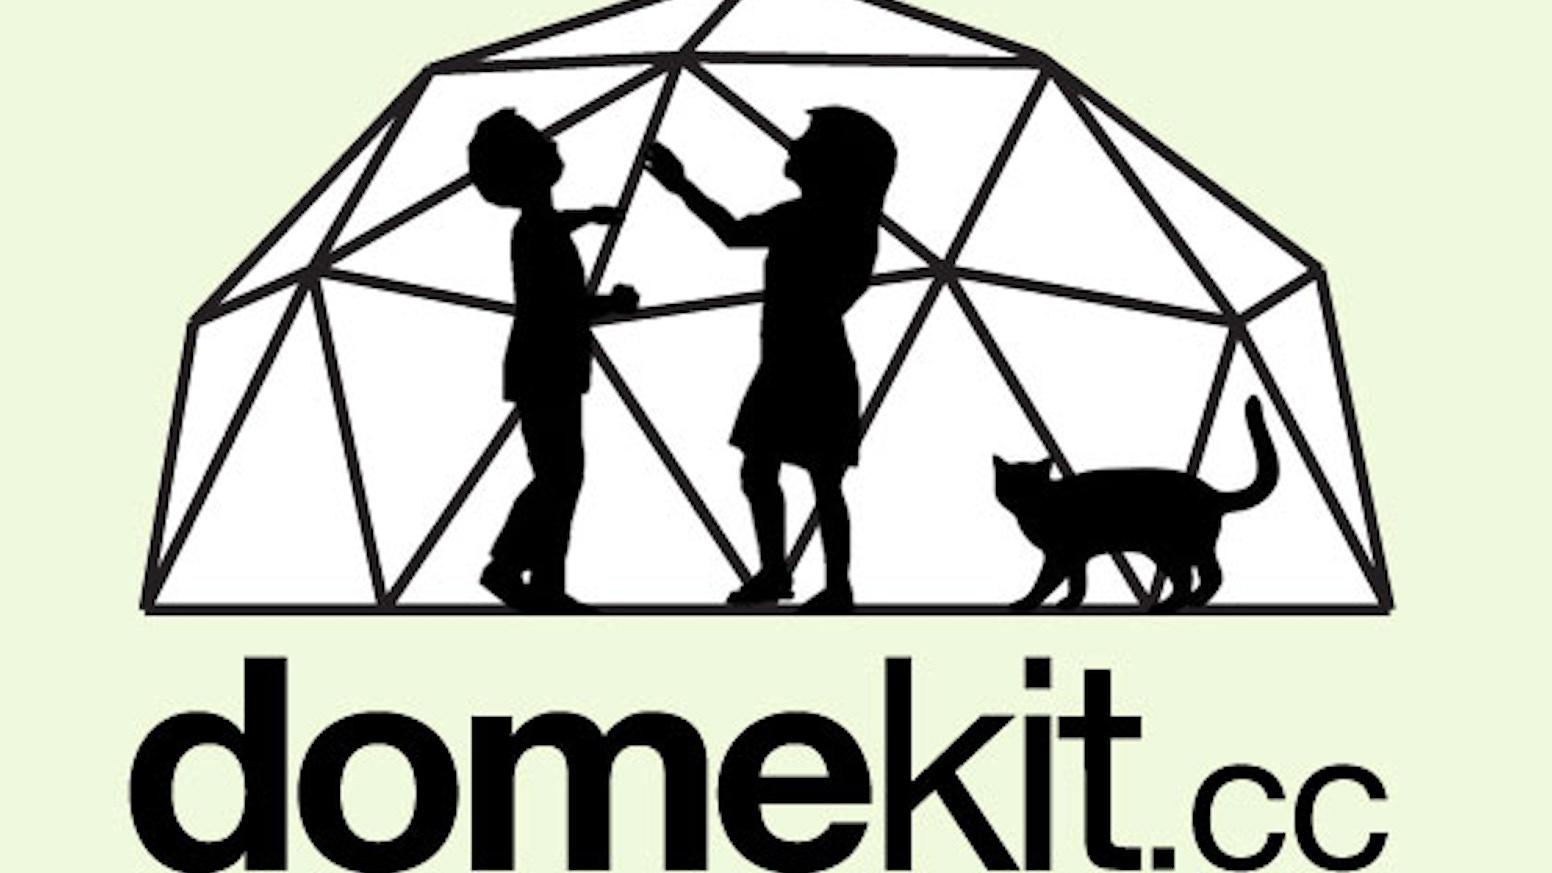 domekit.cc — domes for all by EFFALO — Kickstarter